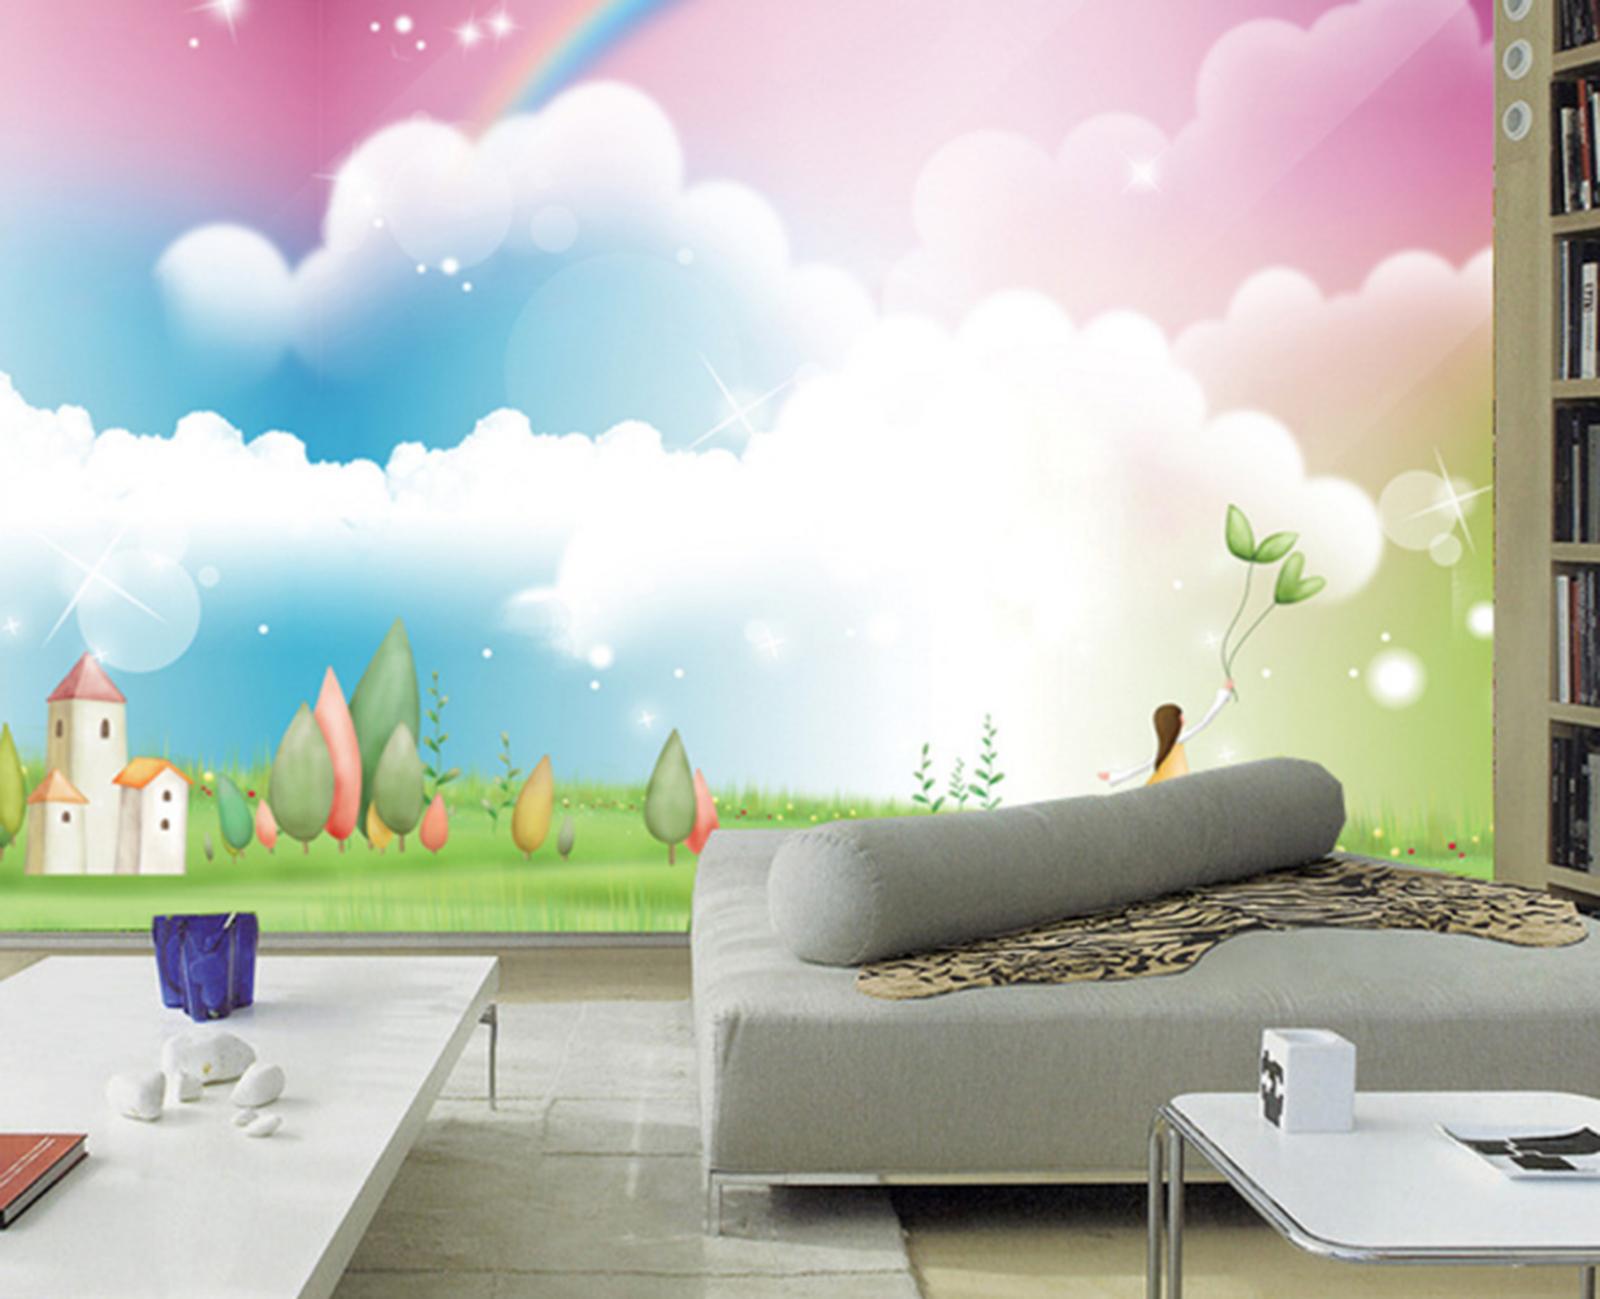 3D Farbiges Wolken Gras 885 Tapete Wandgemälde Tapeten Bild Familie DE Summer  | Ideales Geschenk für alle Gelegenheiten  | Ausgezeichnet  | Wirtschaftlich und praktisch